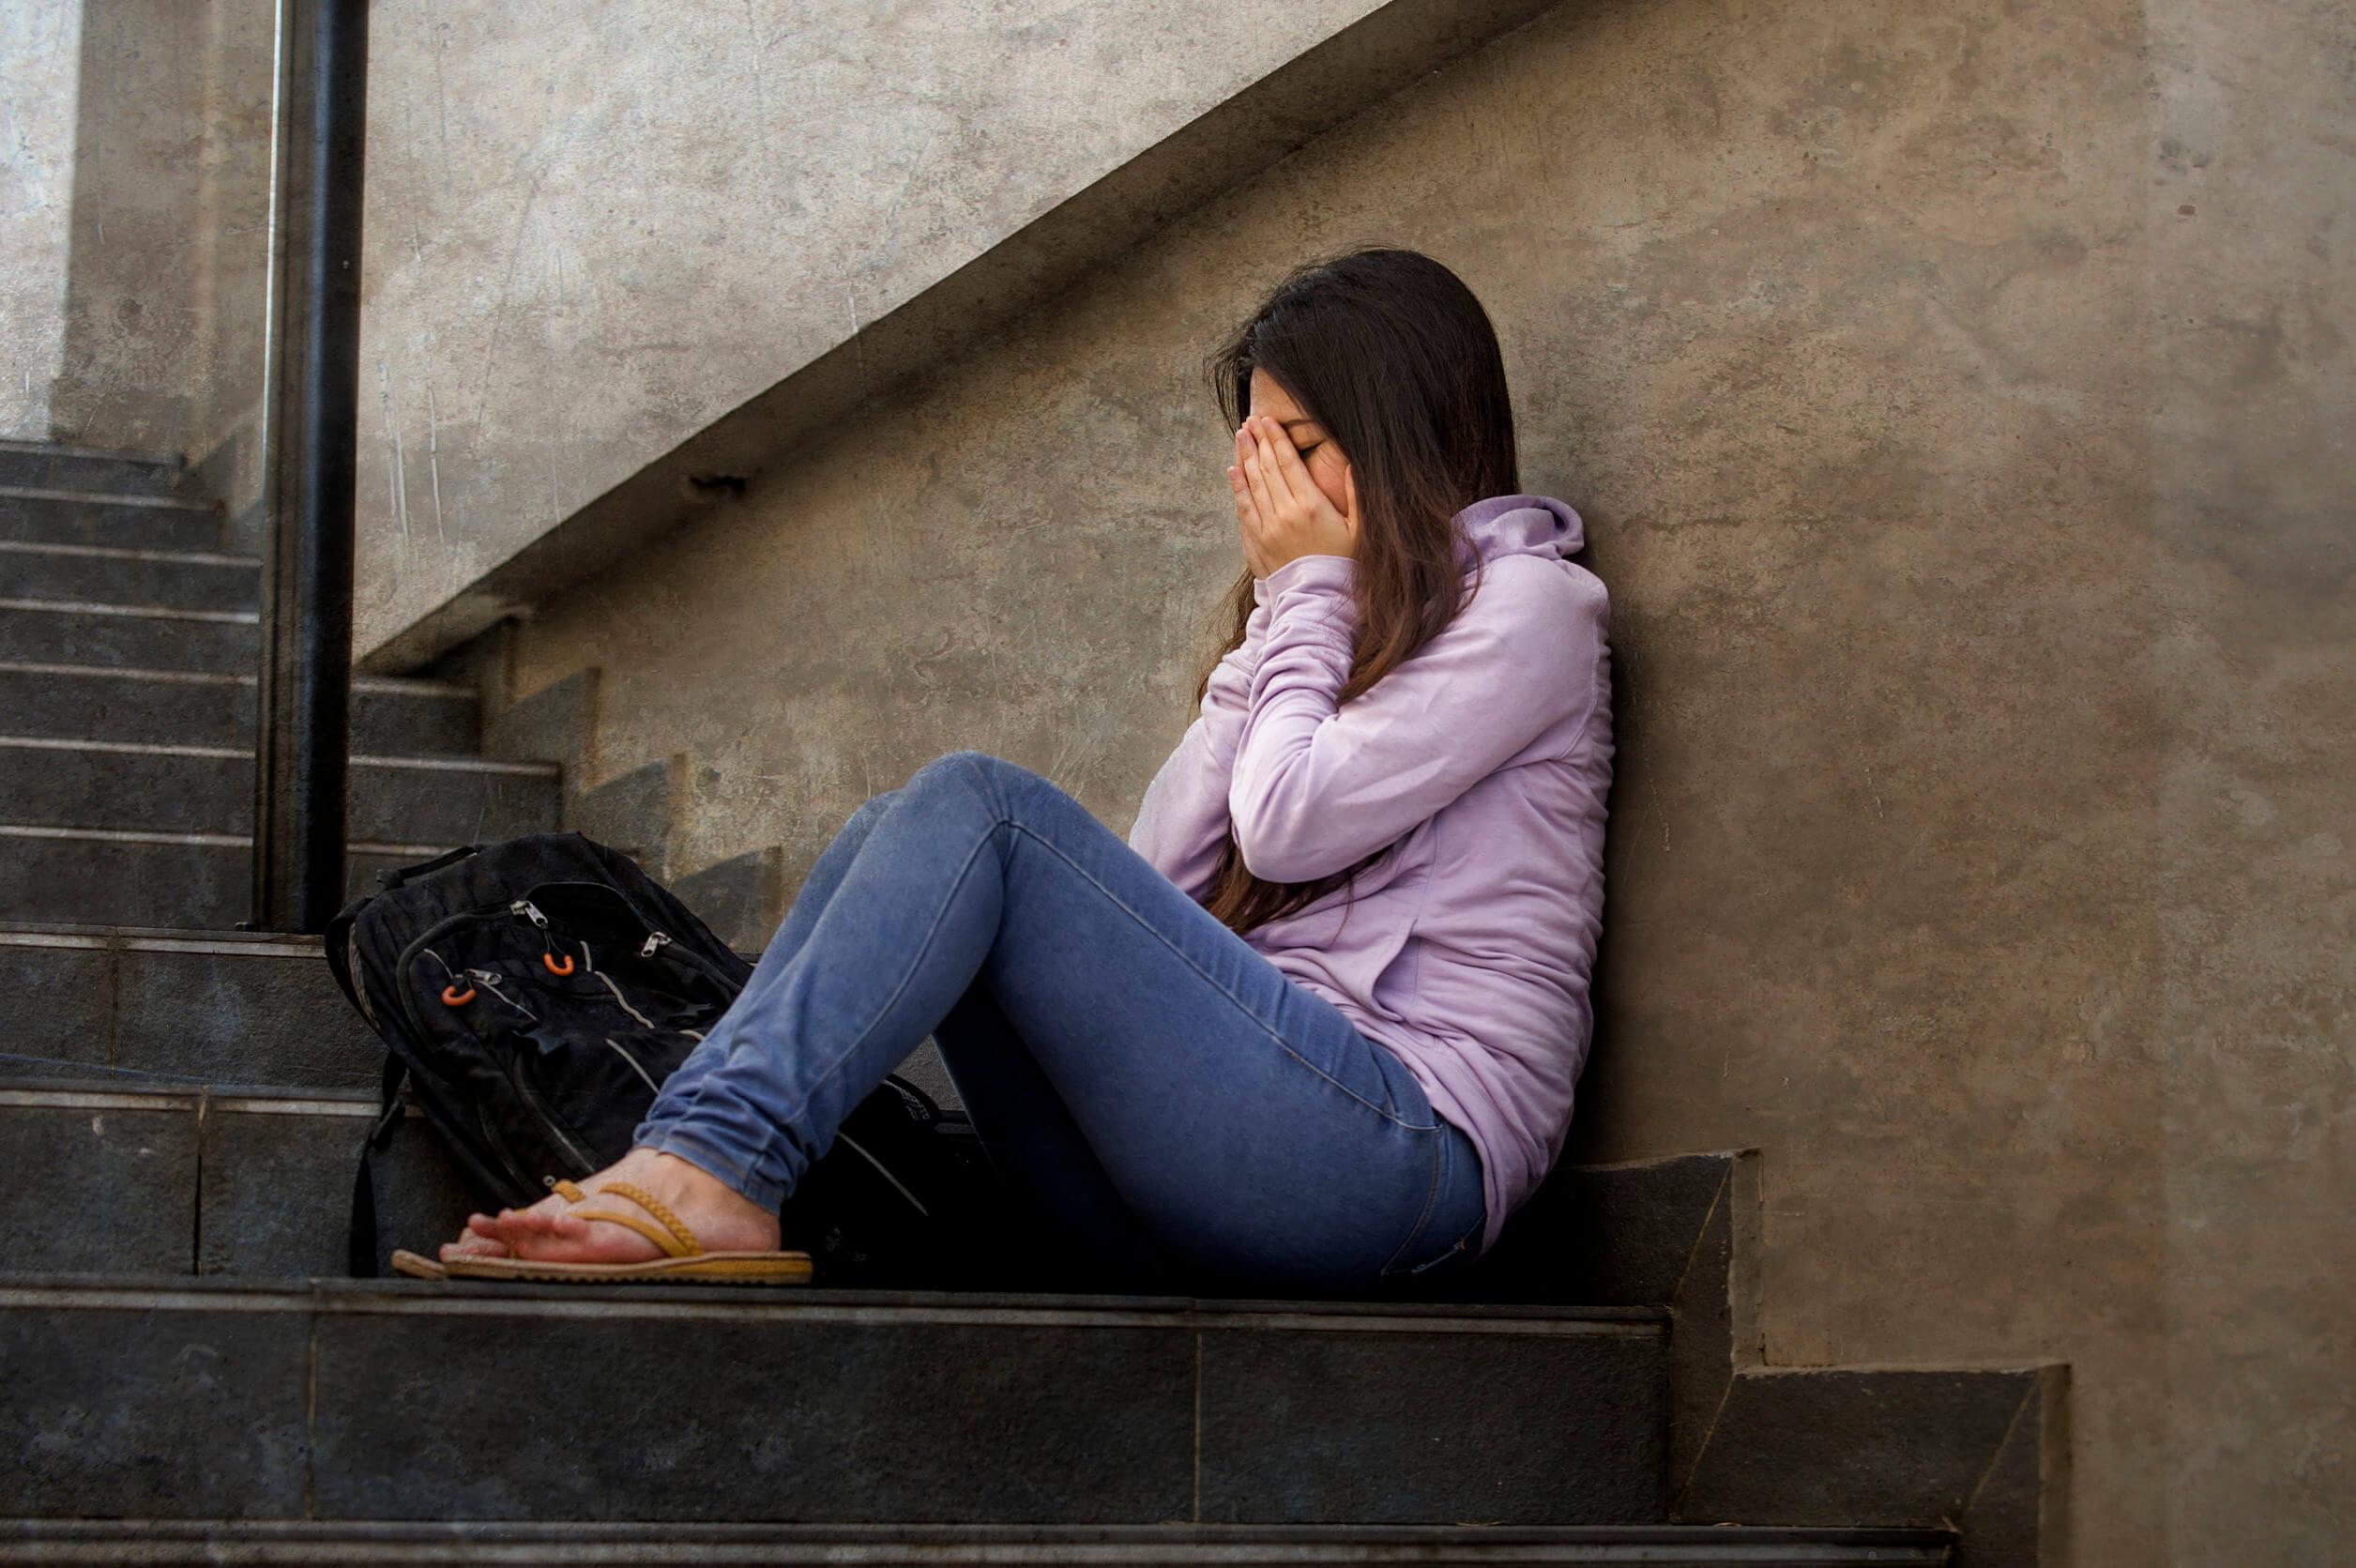 La paroxetina se utiliza para tratar la depresión.